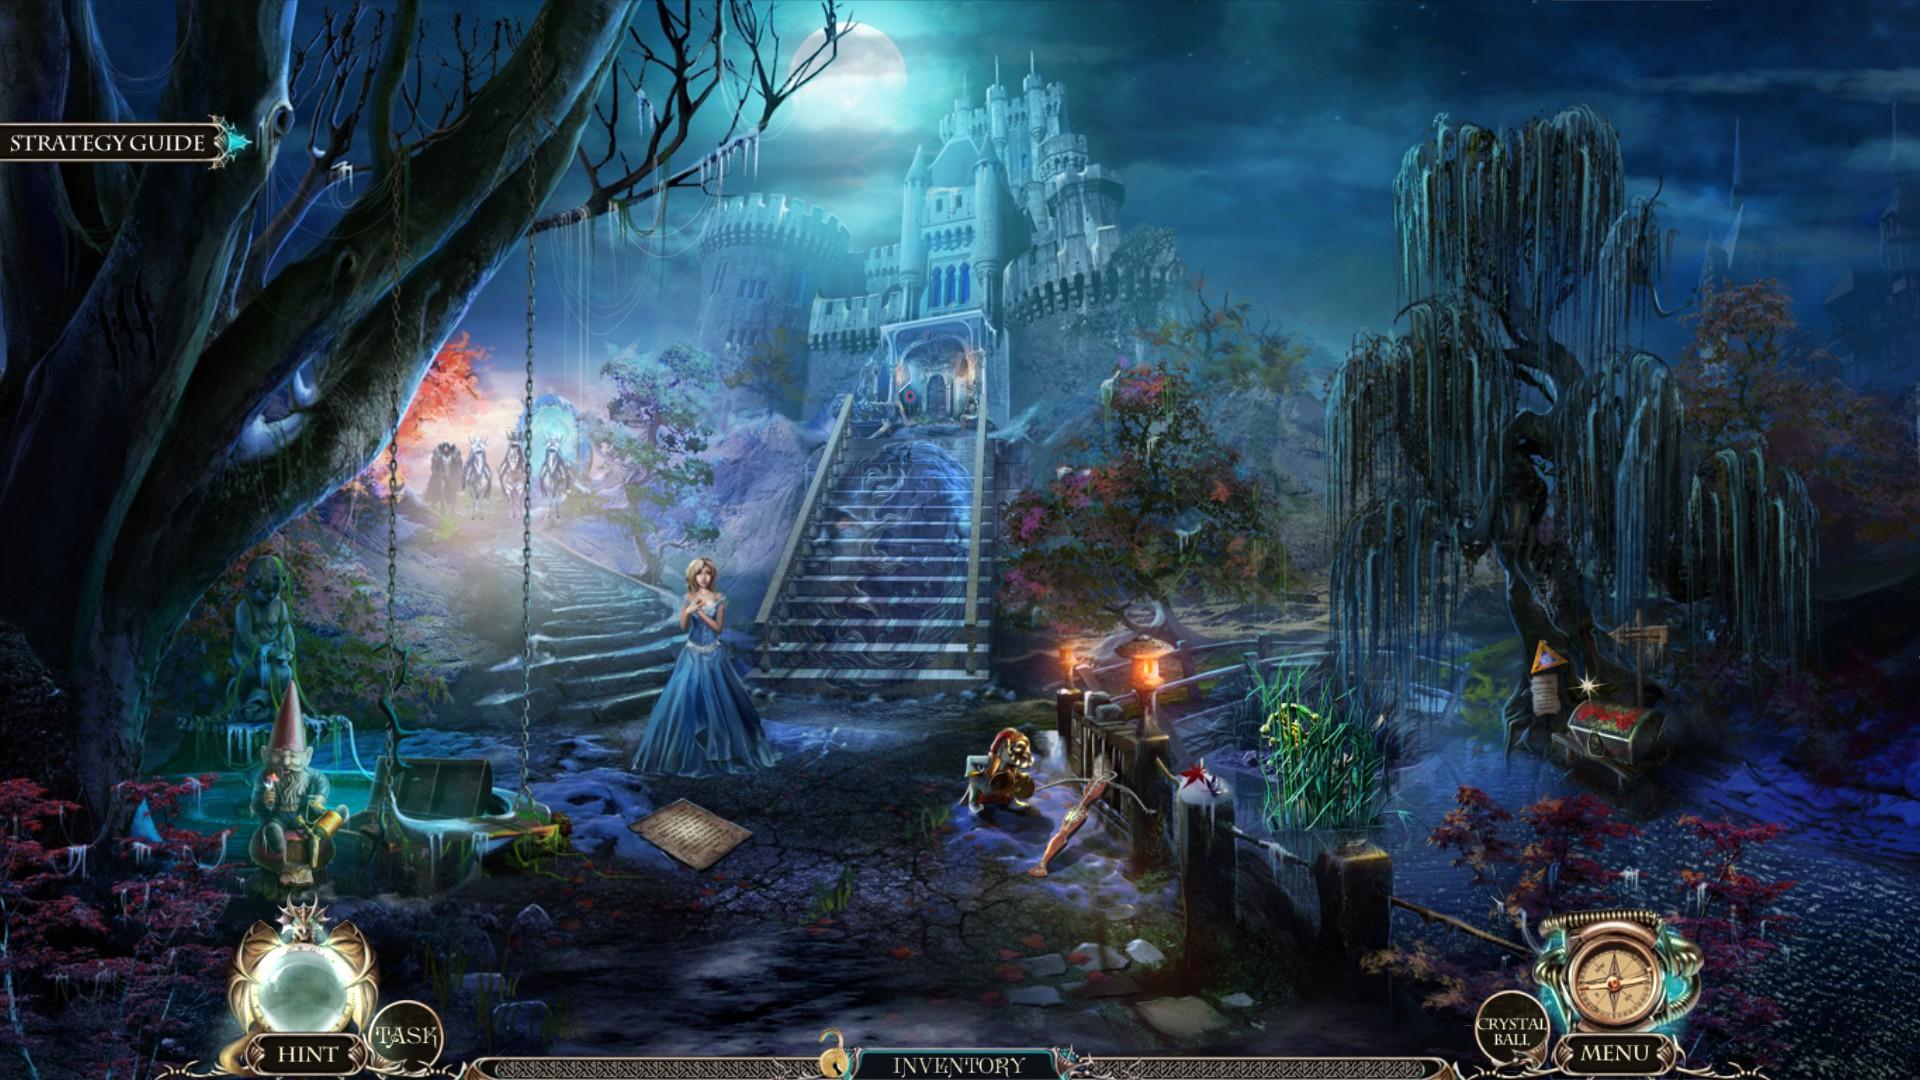 Riddles of Fate 1: Wild Hunt A13B7AEC16D2C968B2EDAF3B71B333873A5F827F